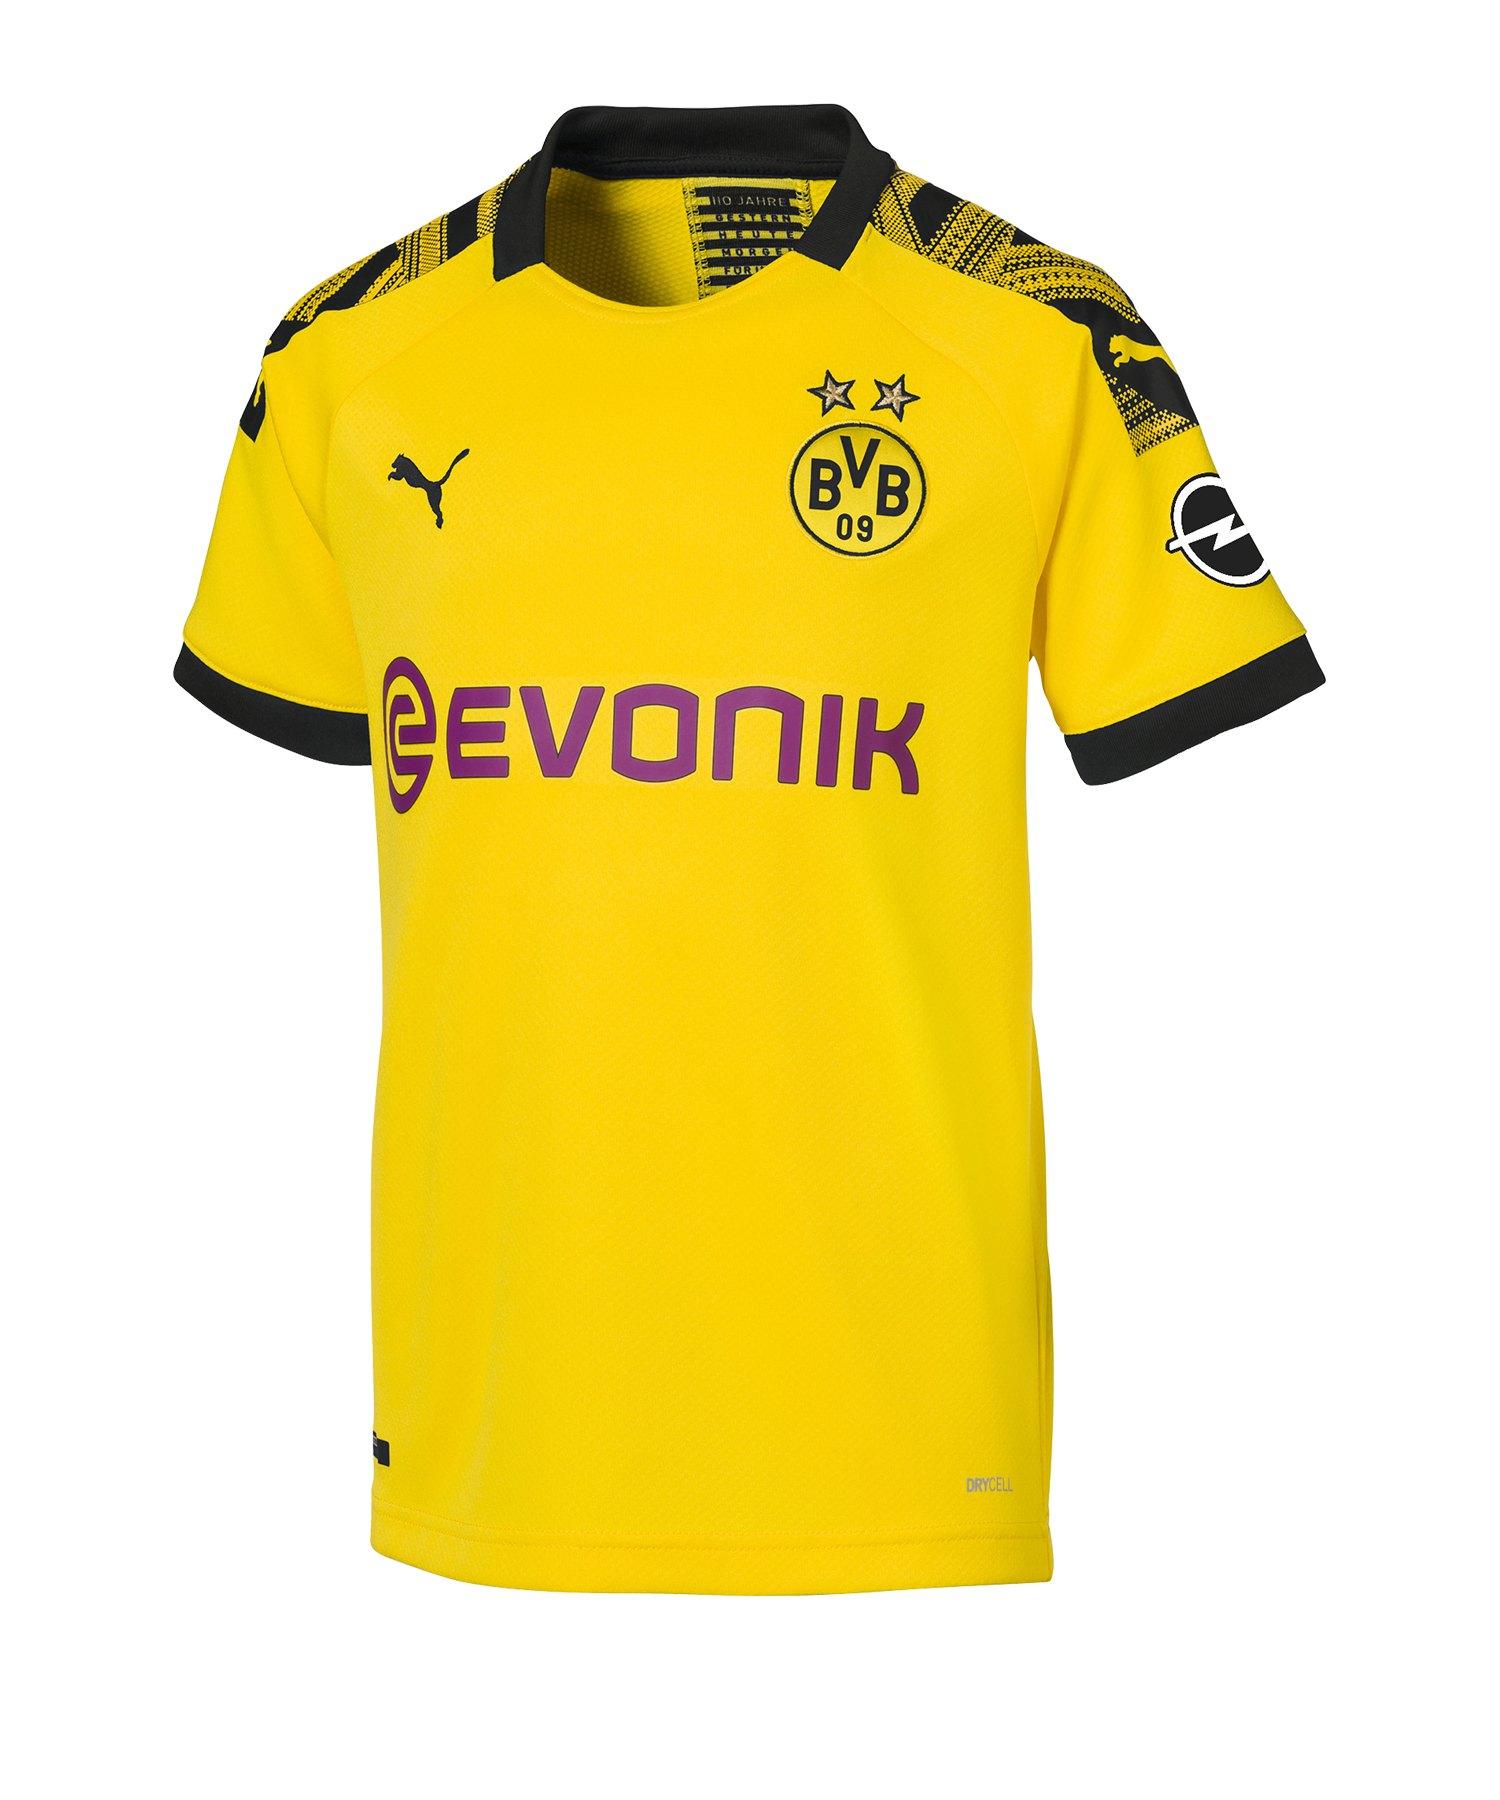 PUMA BVB Dortmund Trikot Home 2019/2020 Kids F01 - Gelb